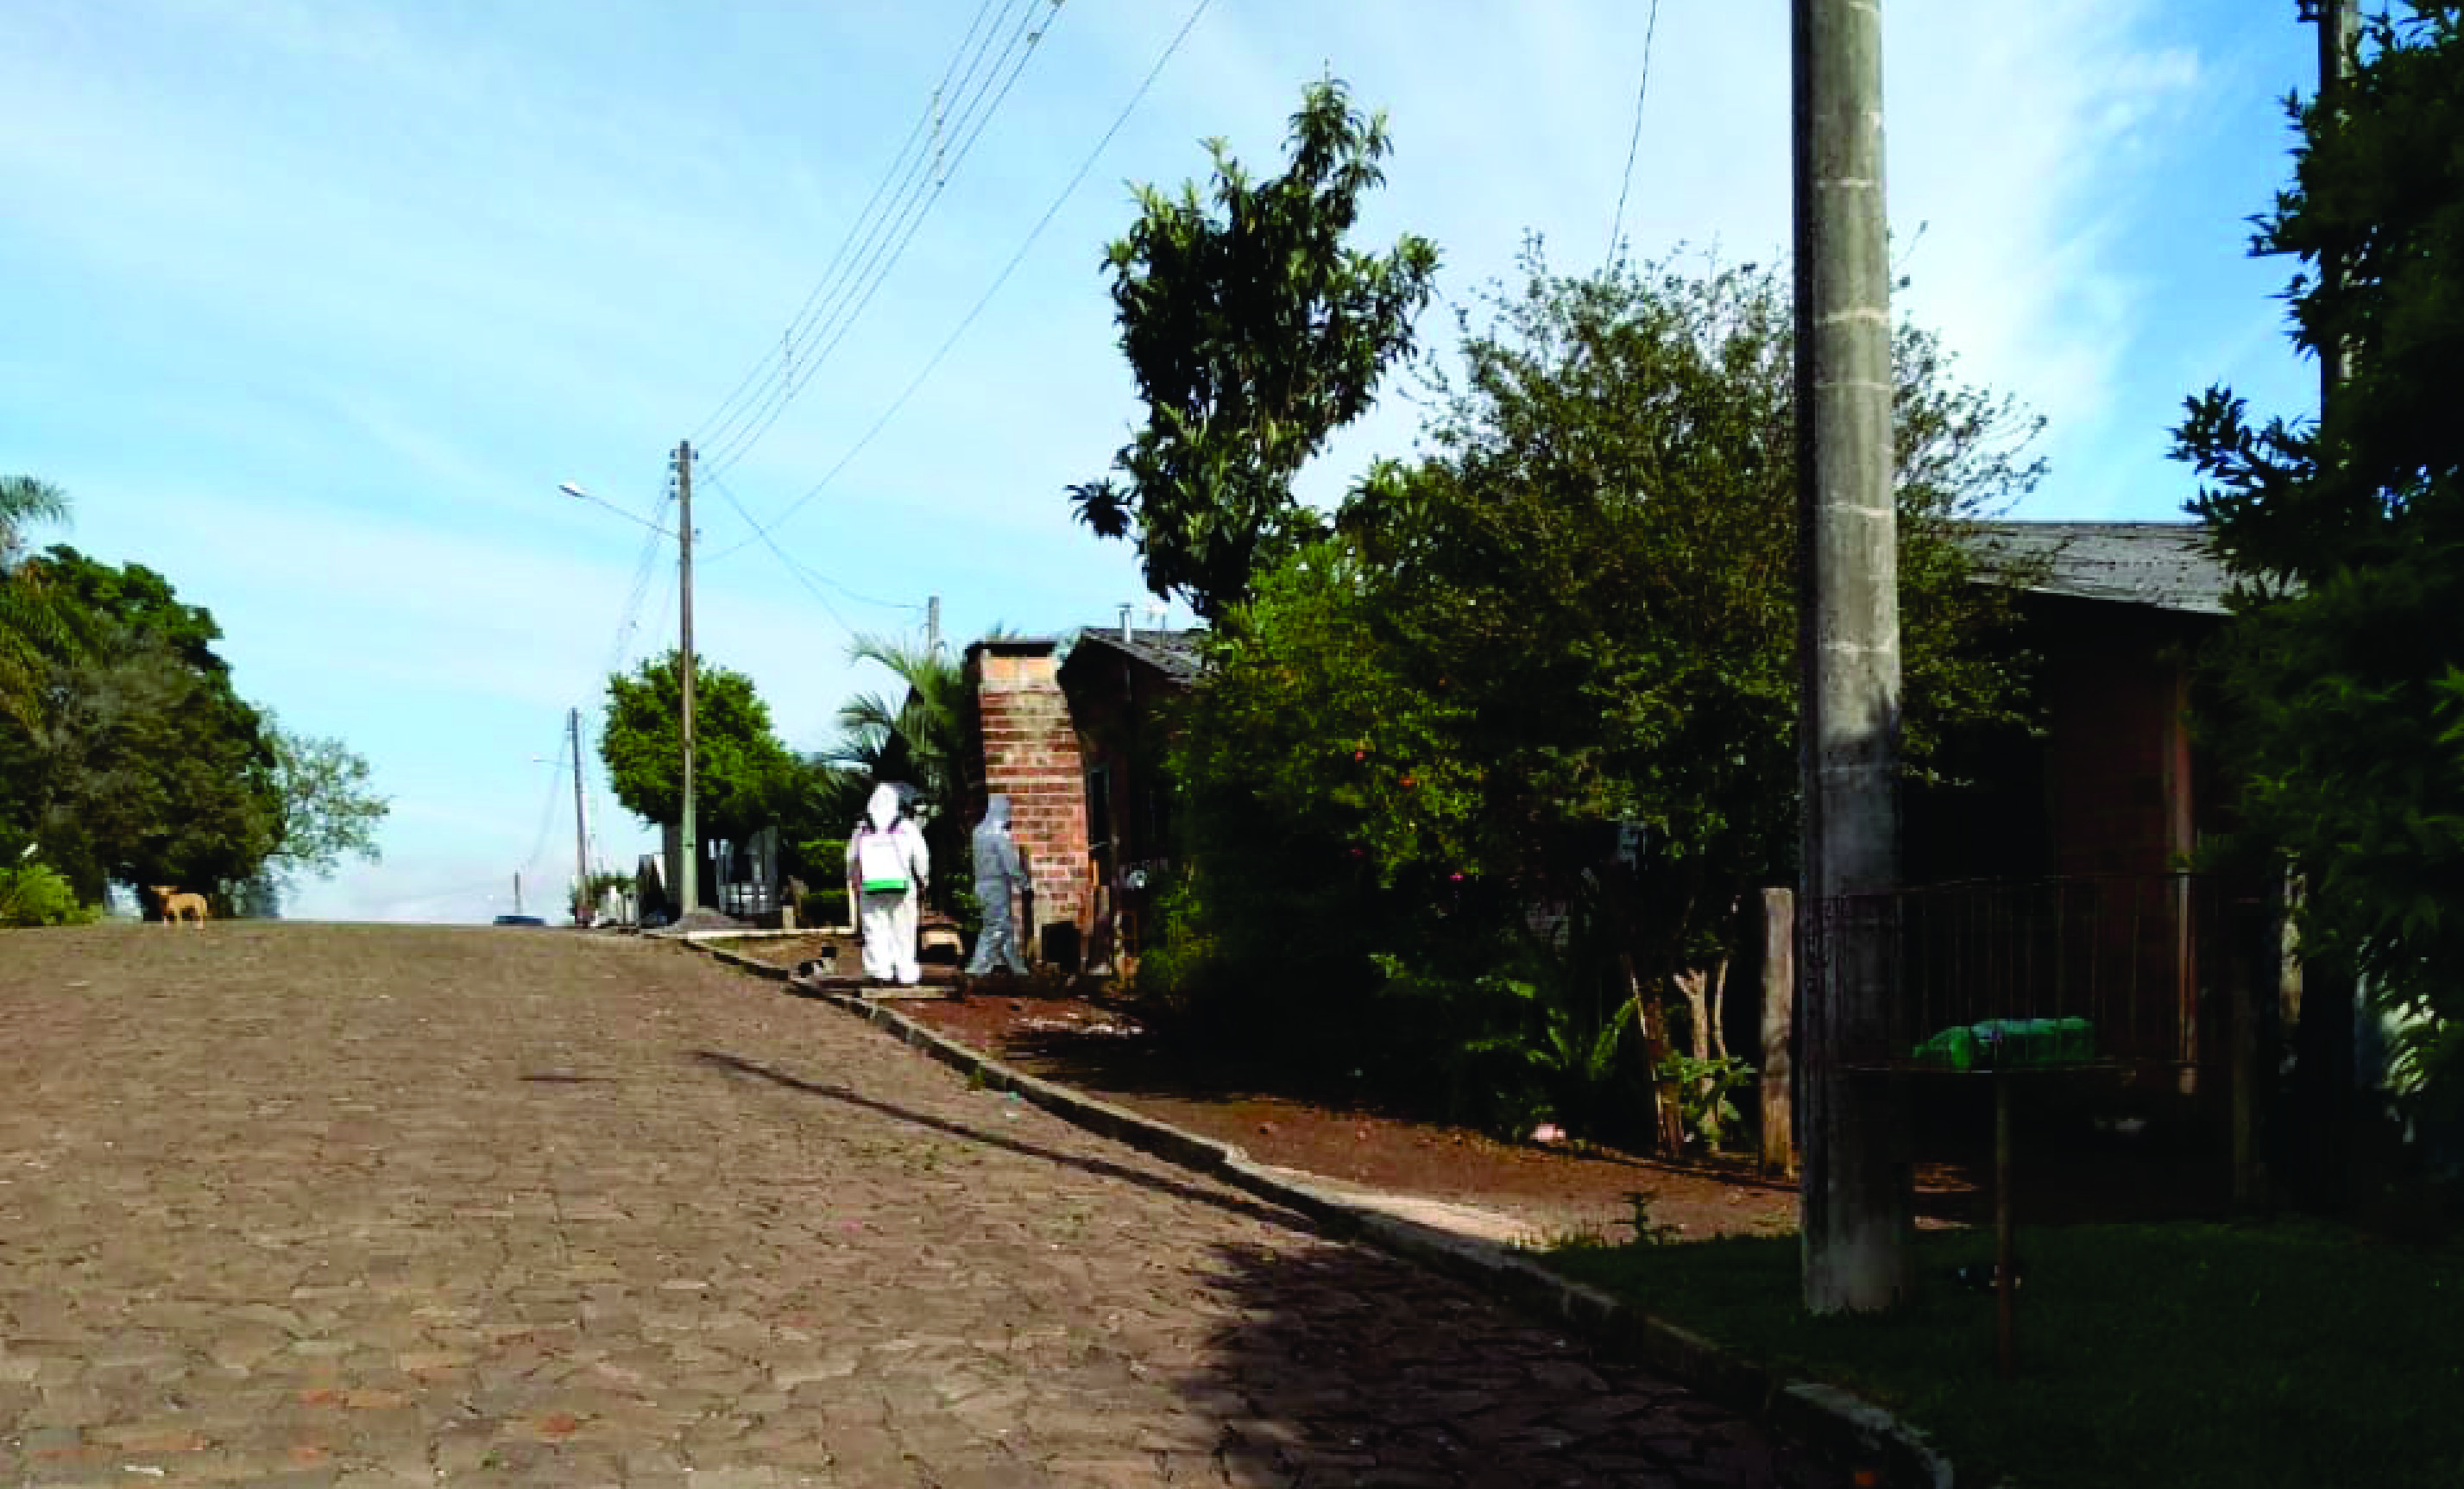 Gaurama realiza aplicação de repelentes no ambiente externo de residências